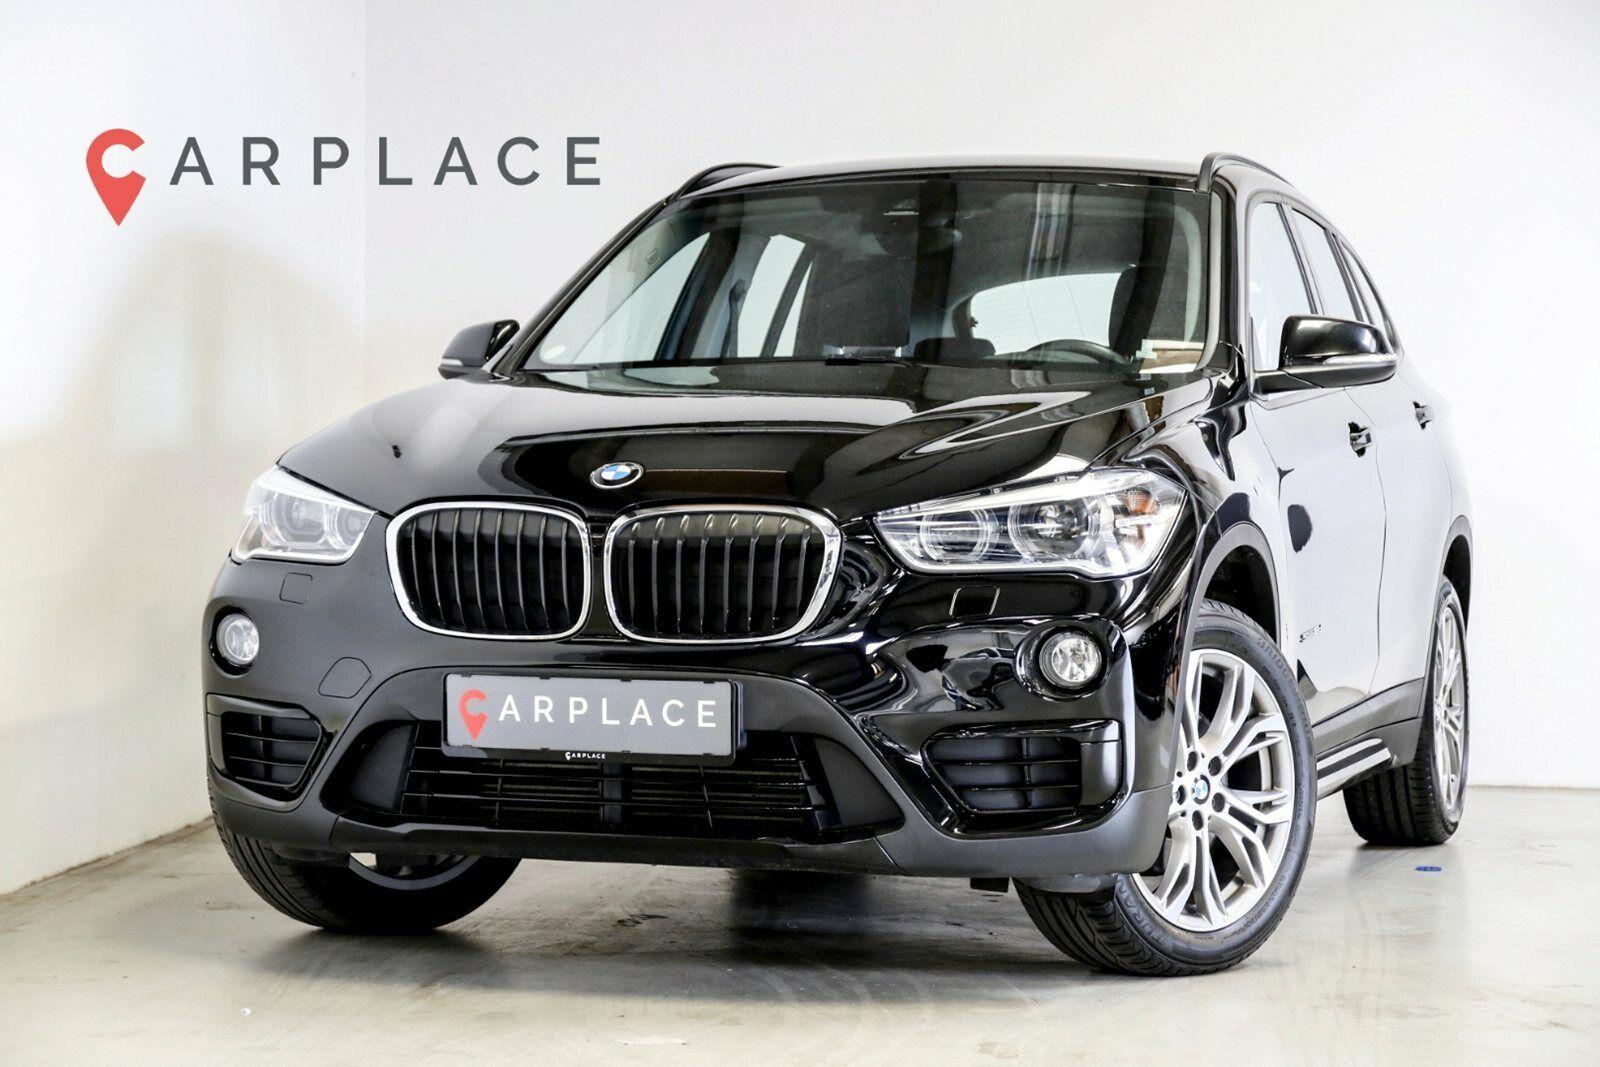 BMW X1 2,0 sDrive18d aut. 5d - 324.900 kr.